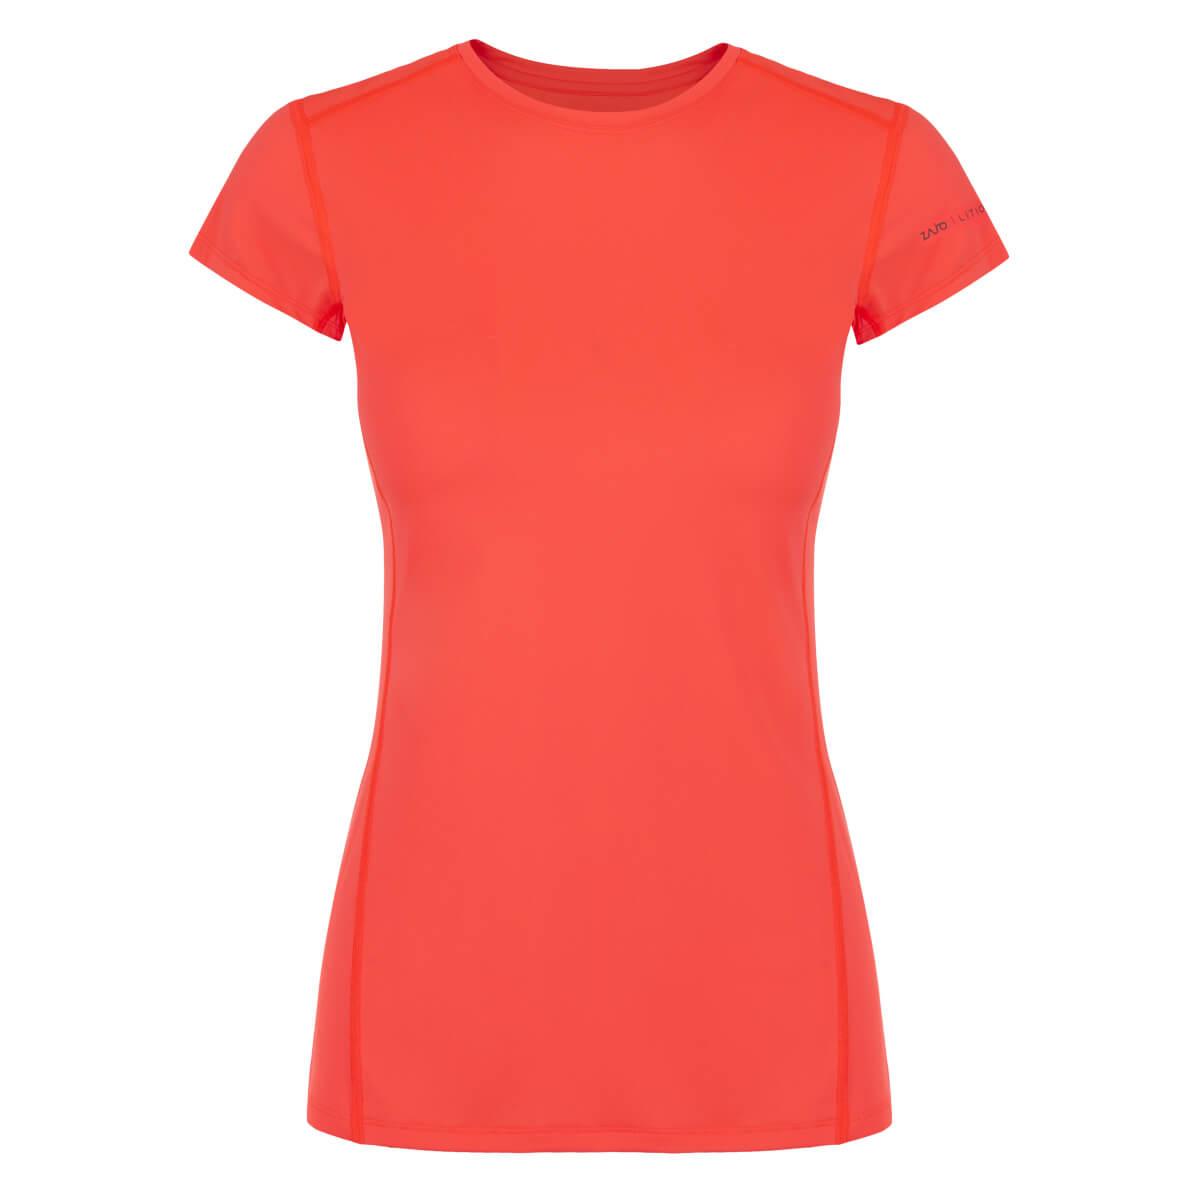 ZAJO Litio W T-shirt SS Fluo Coral dámske tričko - veľkosť L